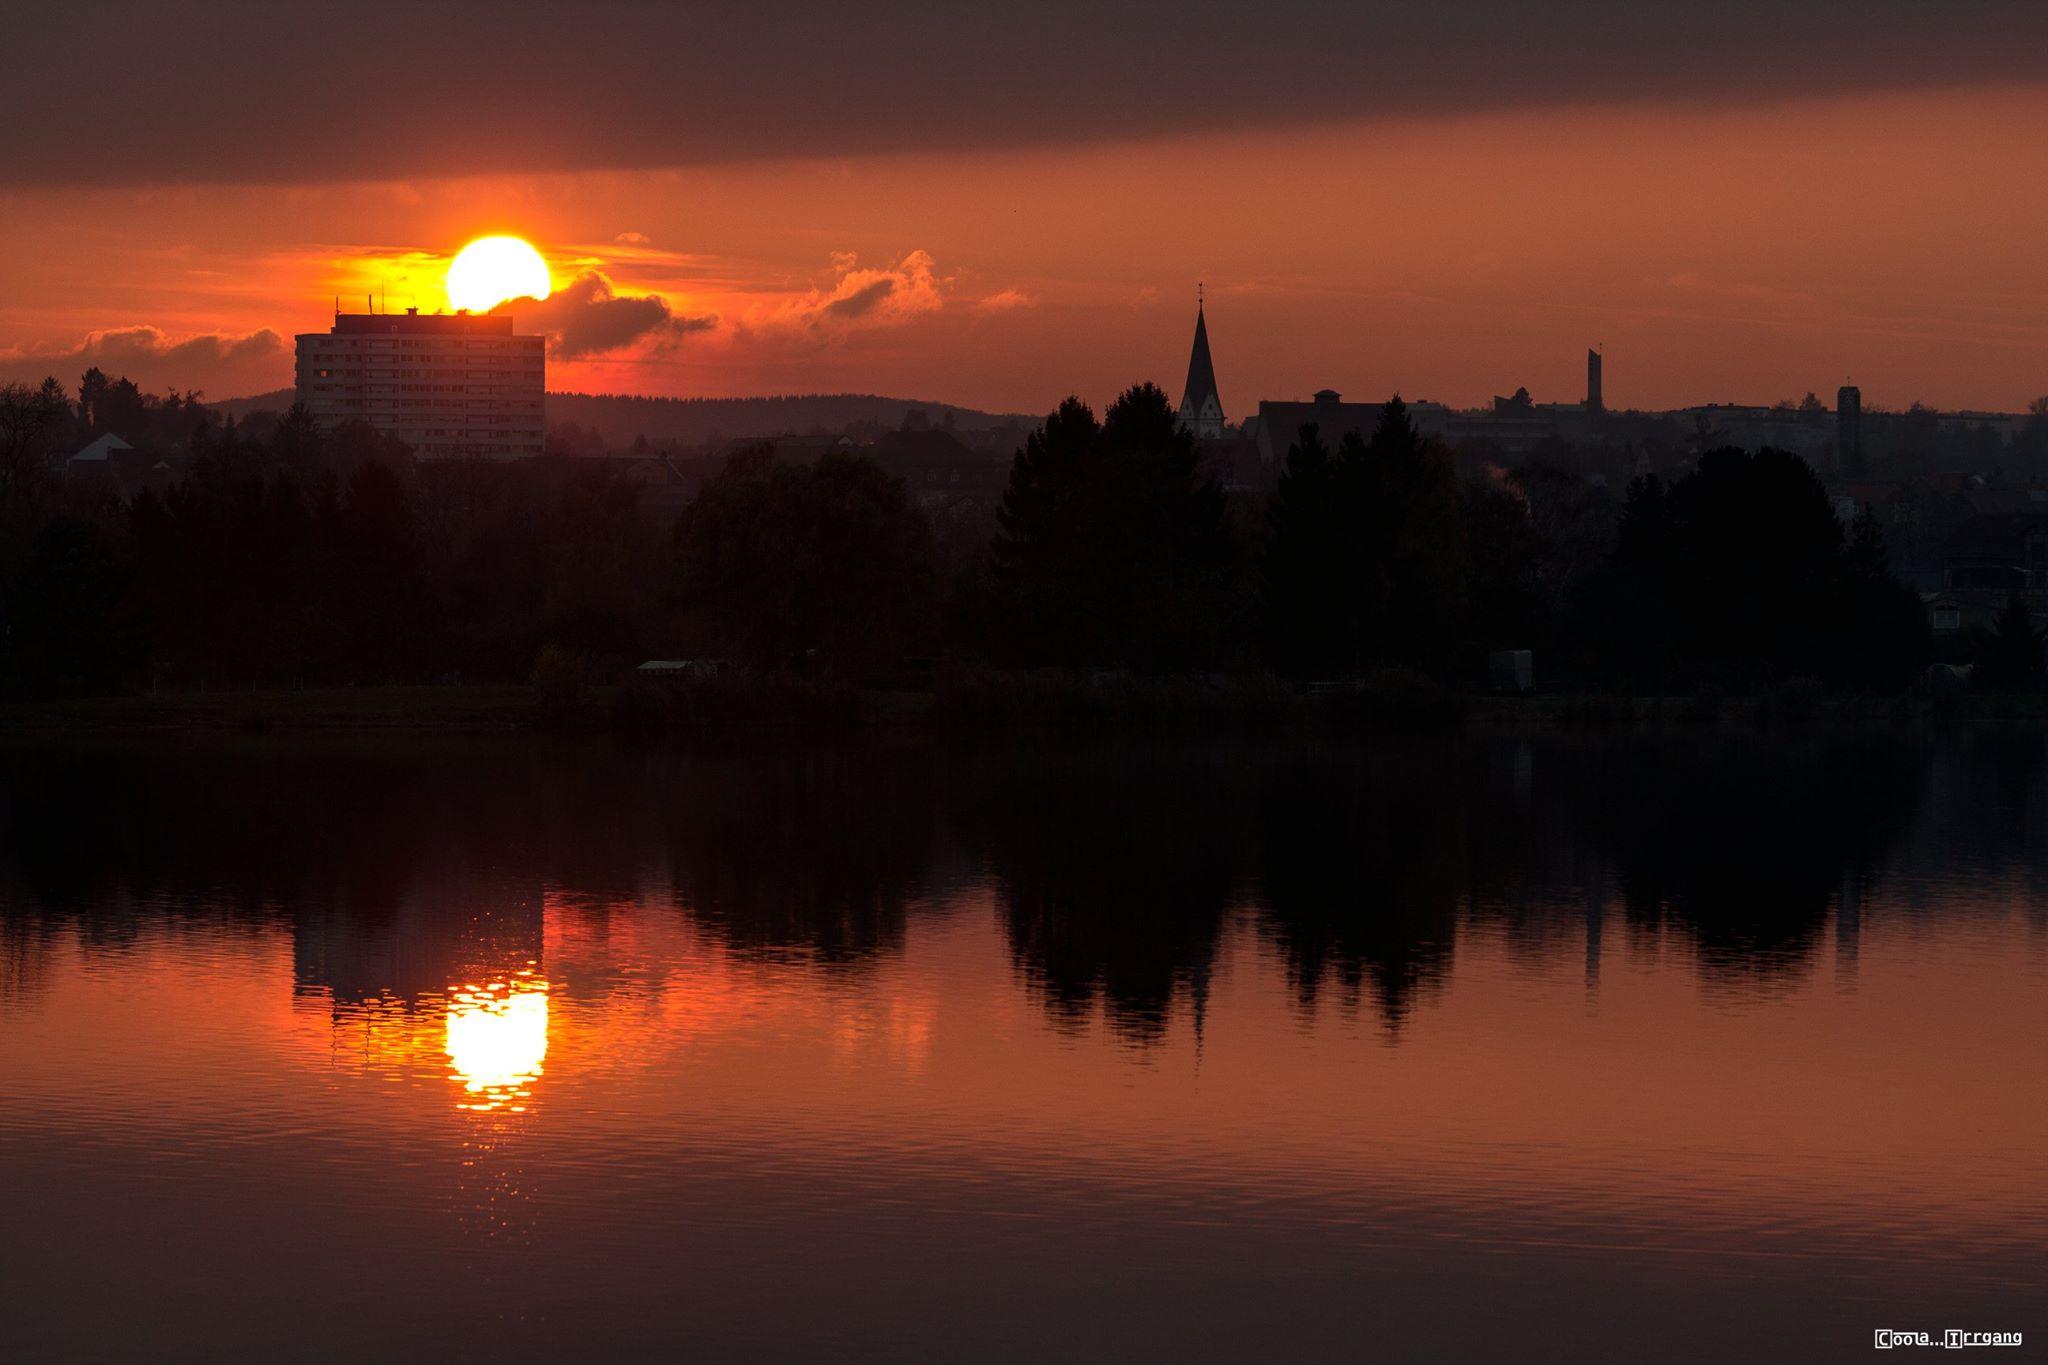 Sonnenuntergang am Werratalsee